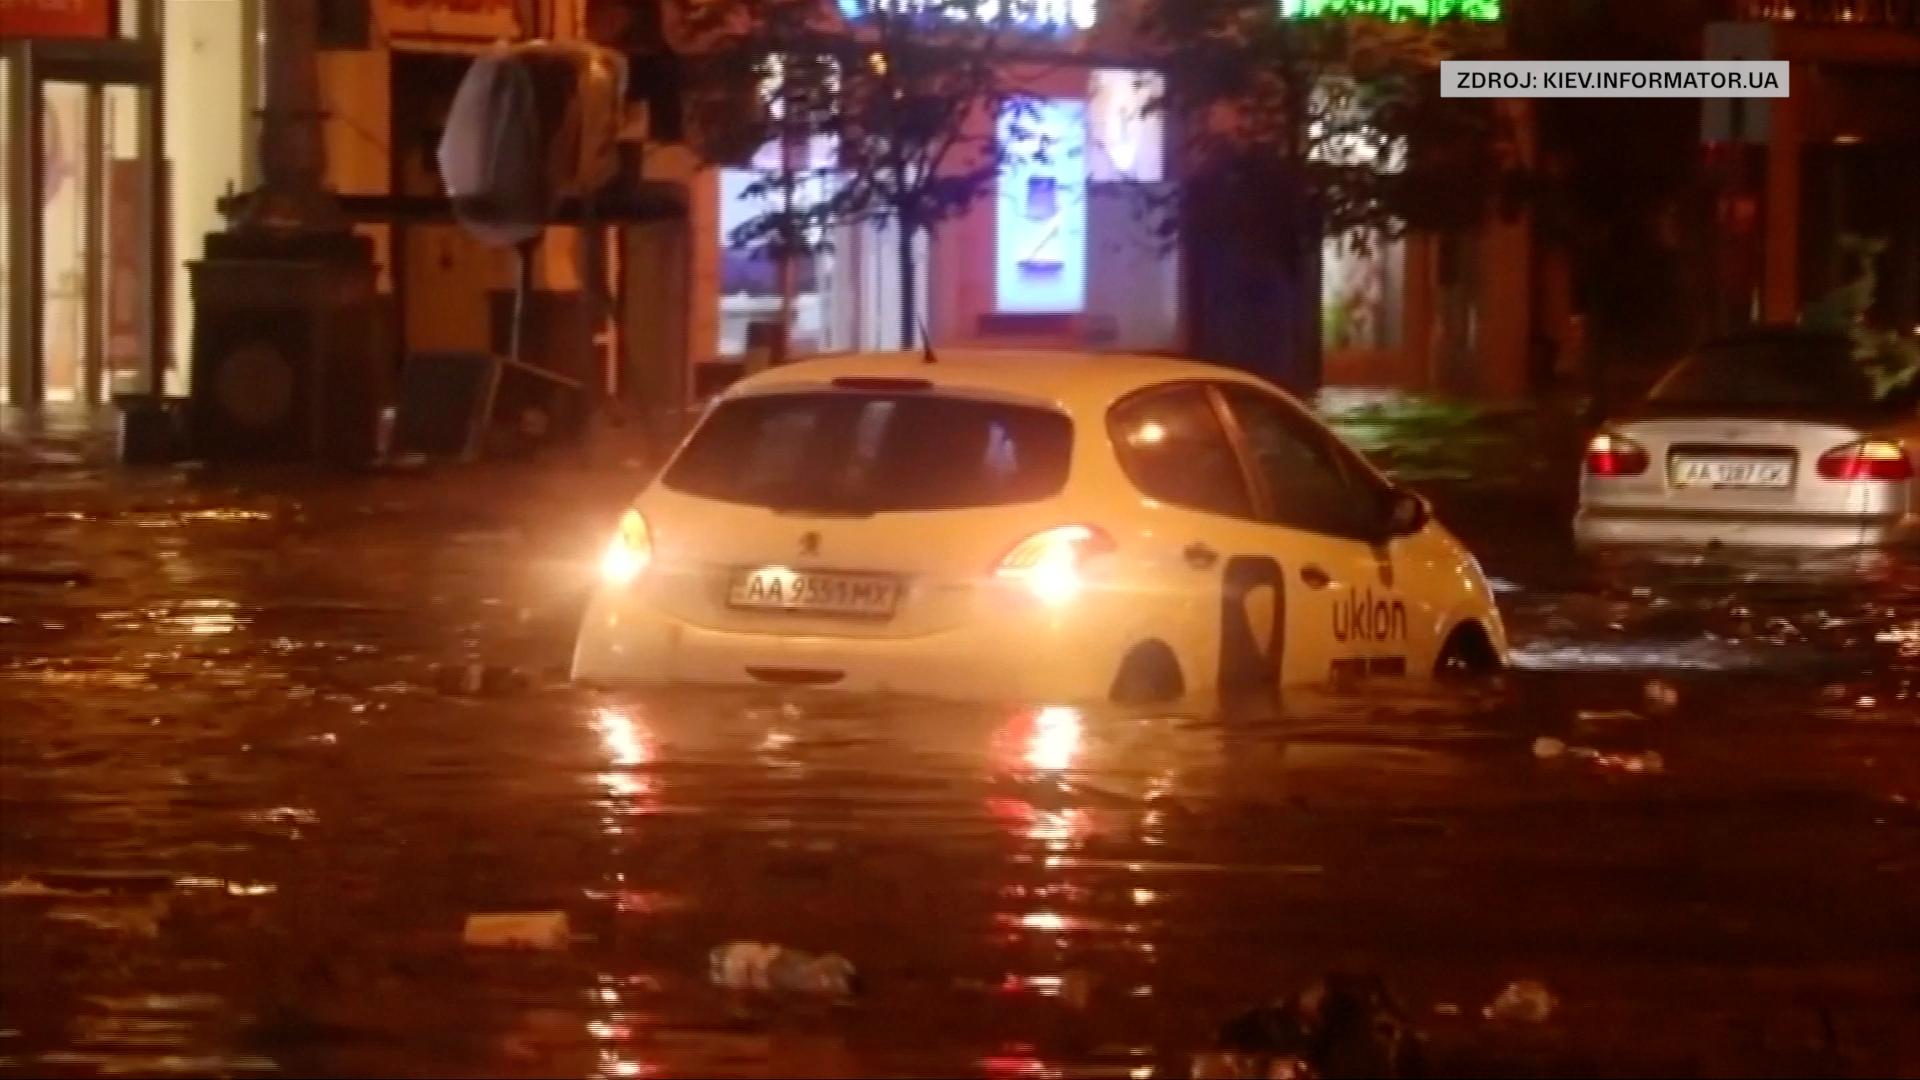 Ukrajinský Kyjev zasáhly prudké deště. V některých ulicích byl i metr vody